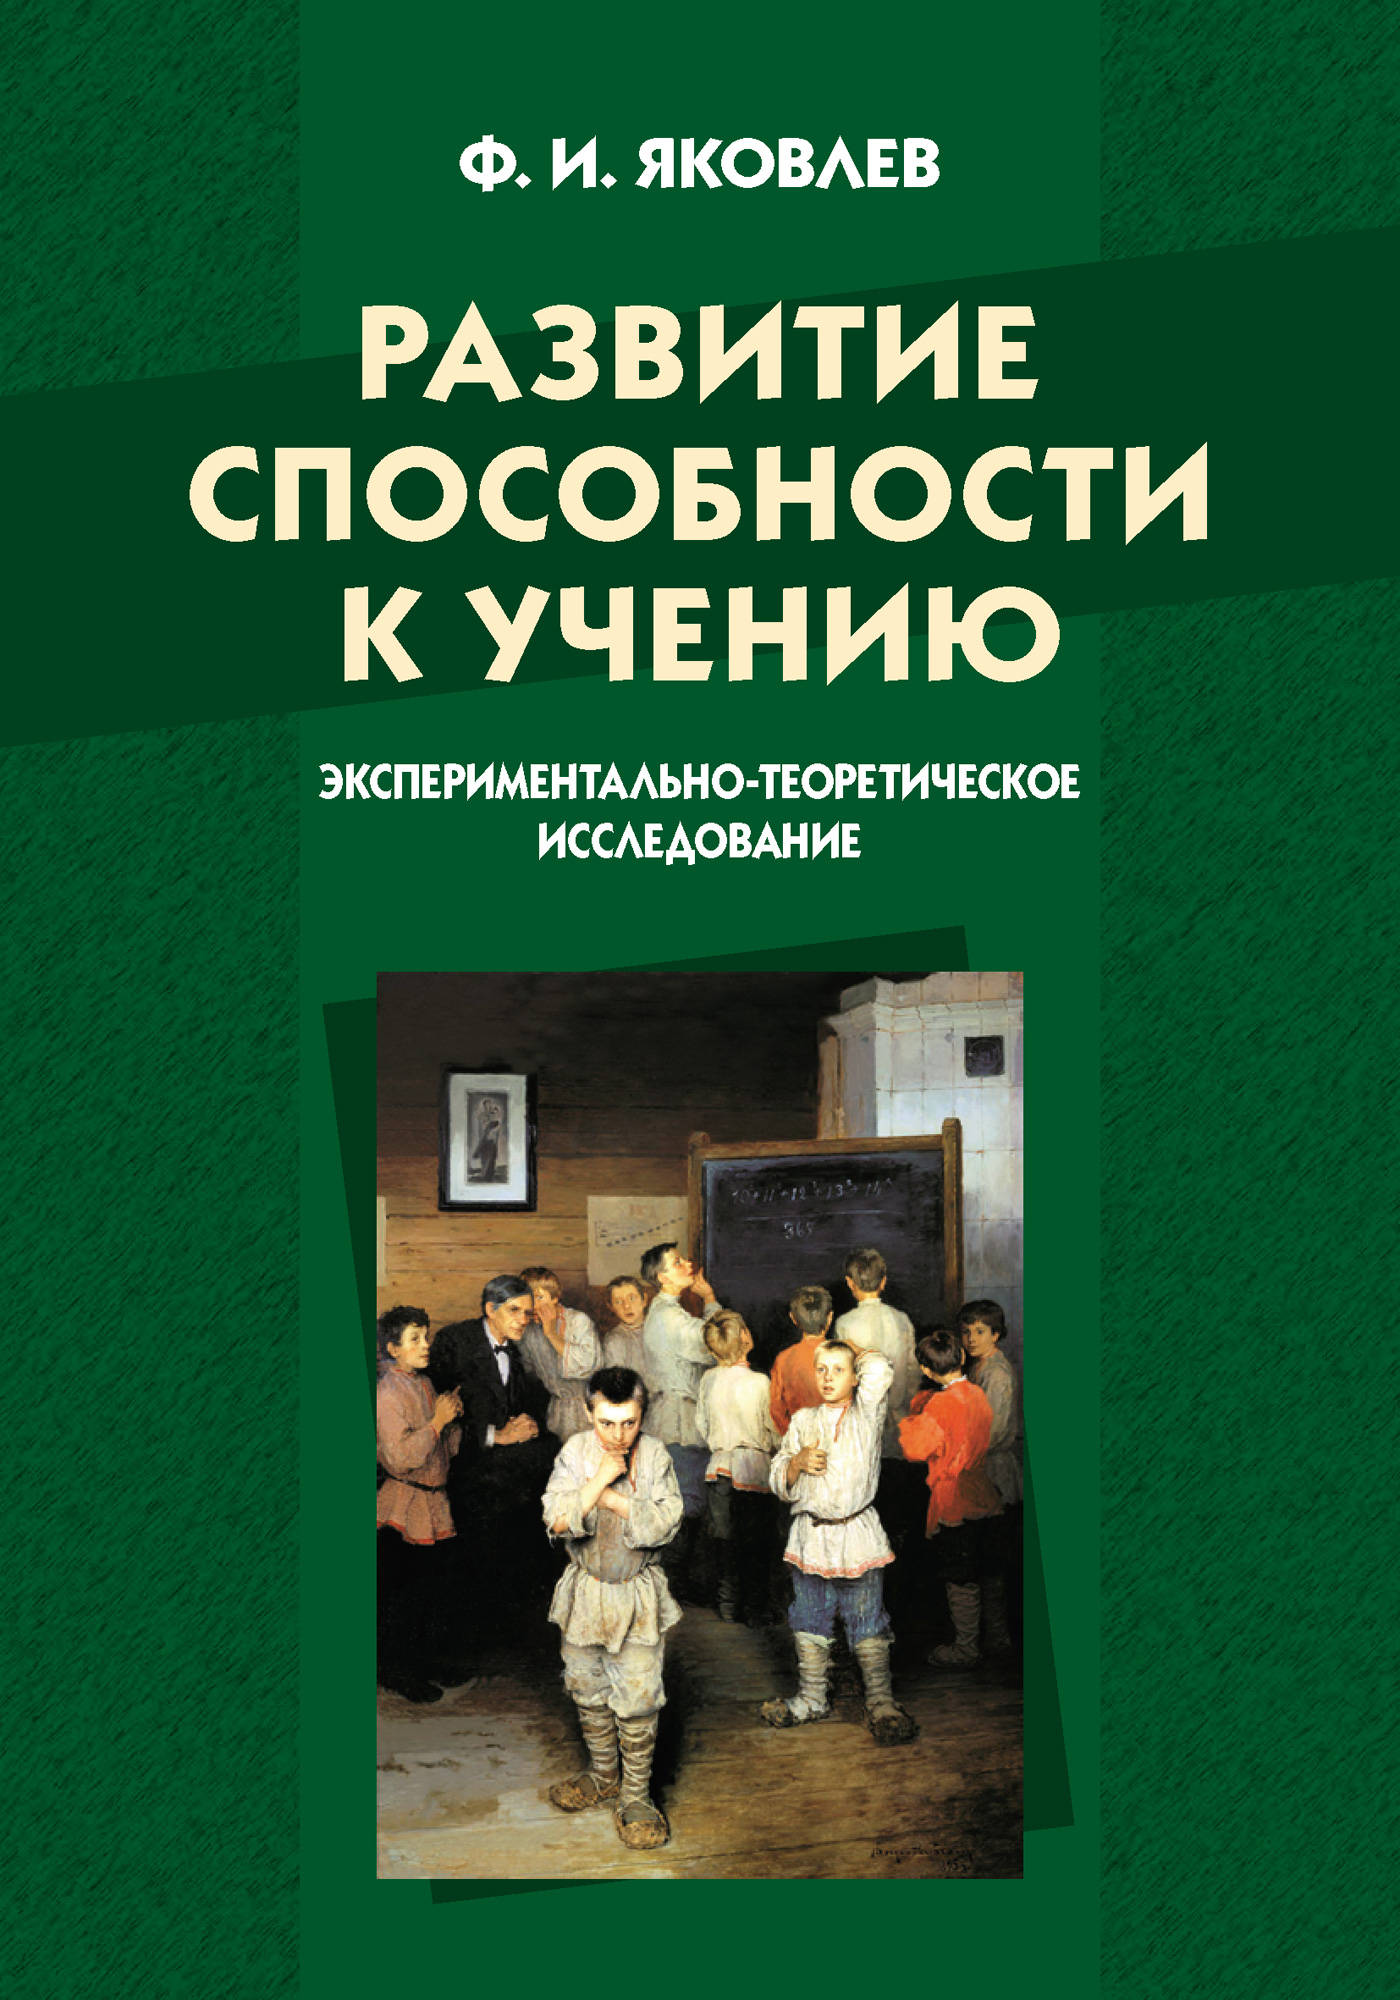 Федор Иванович Яковлев Развитие способности к учению: экспериментально-теоретическое исследование